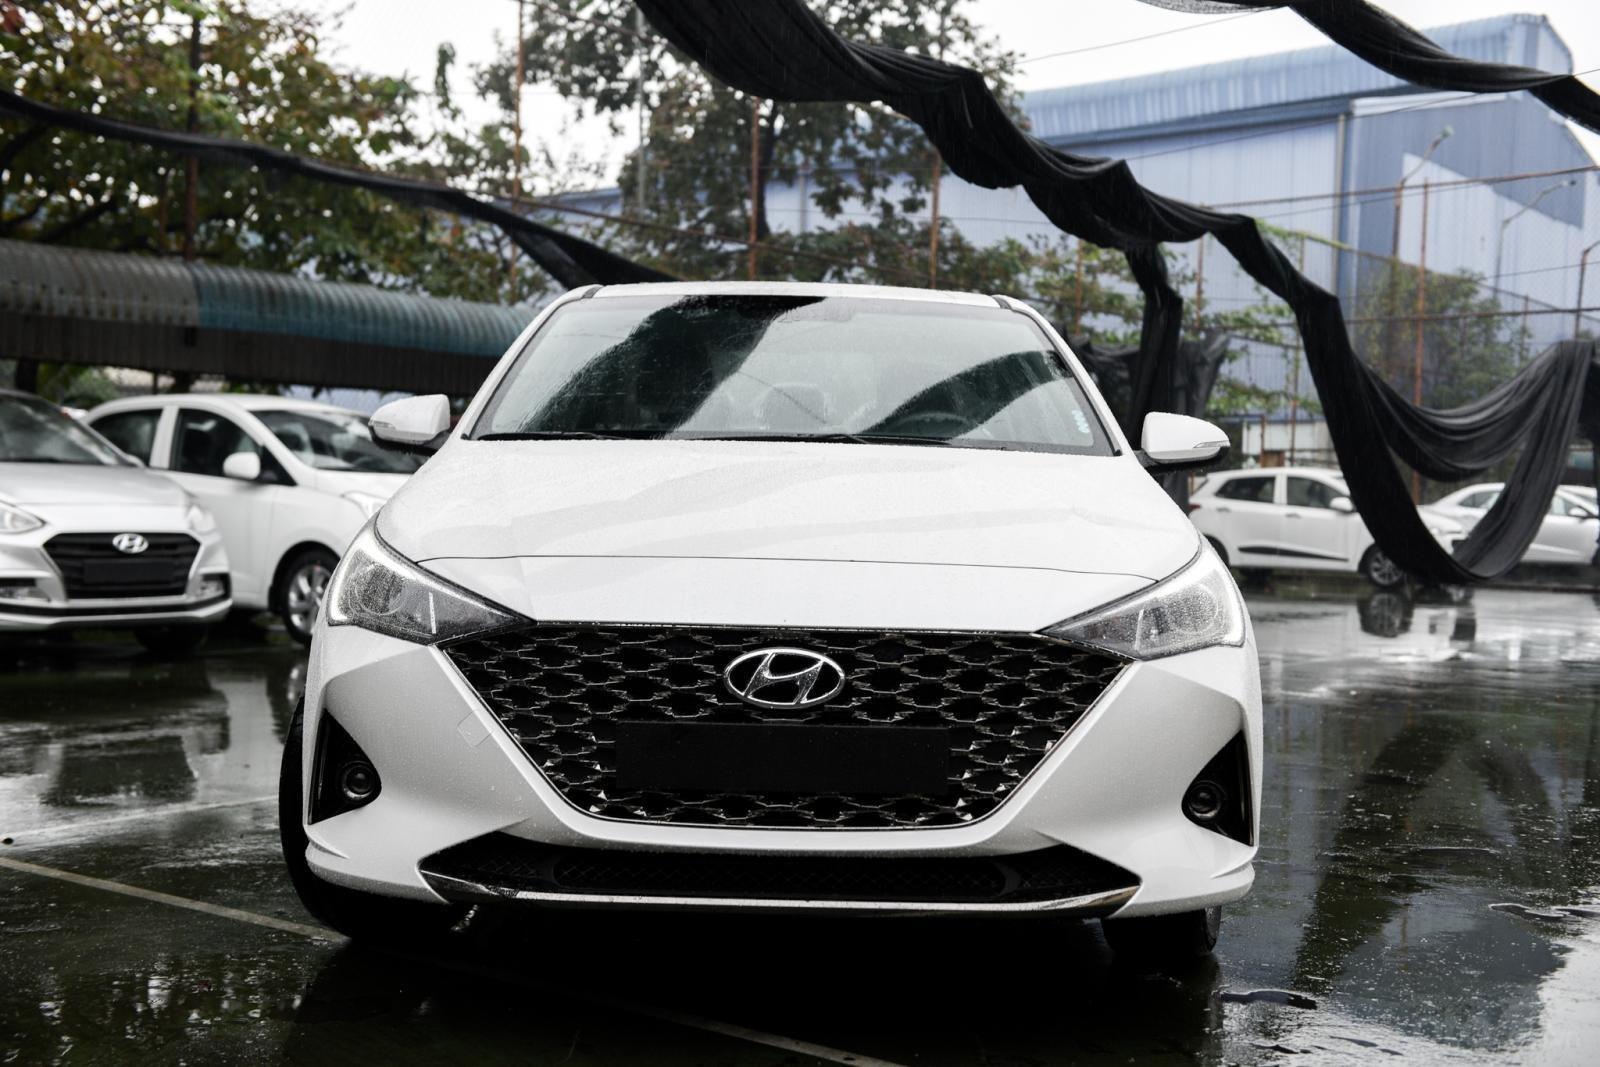 Hyundai Accent 1.4 AT đặc biệt 2021, giá tốt nhất miền Bắc, tặng gói phụ kiện chính hãng, hỗ trợ trả góp 85% (2)